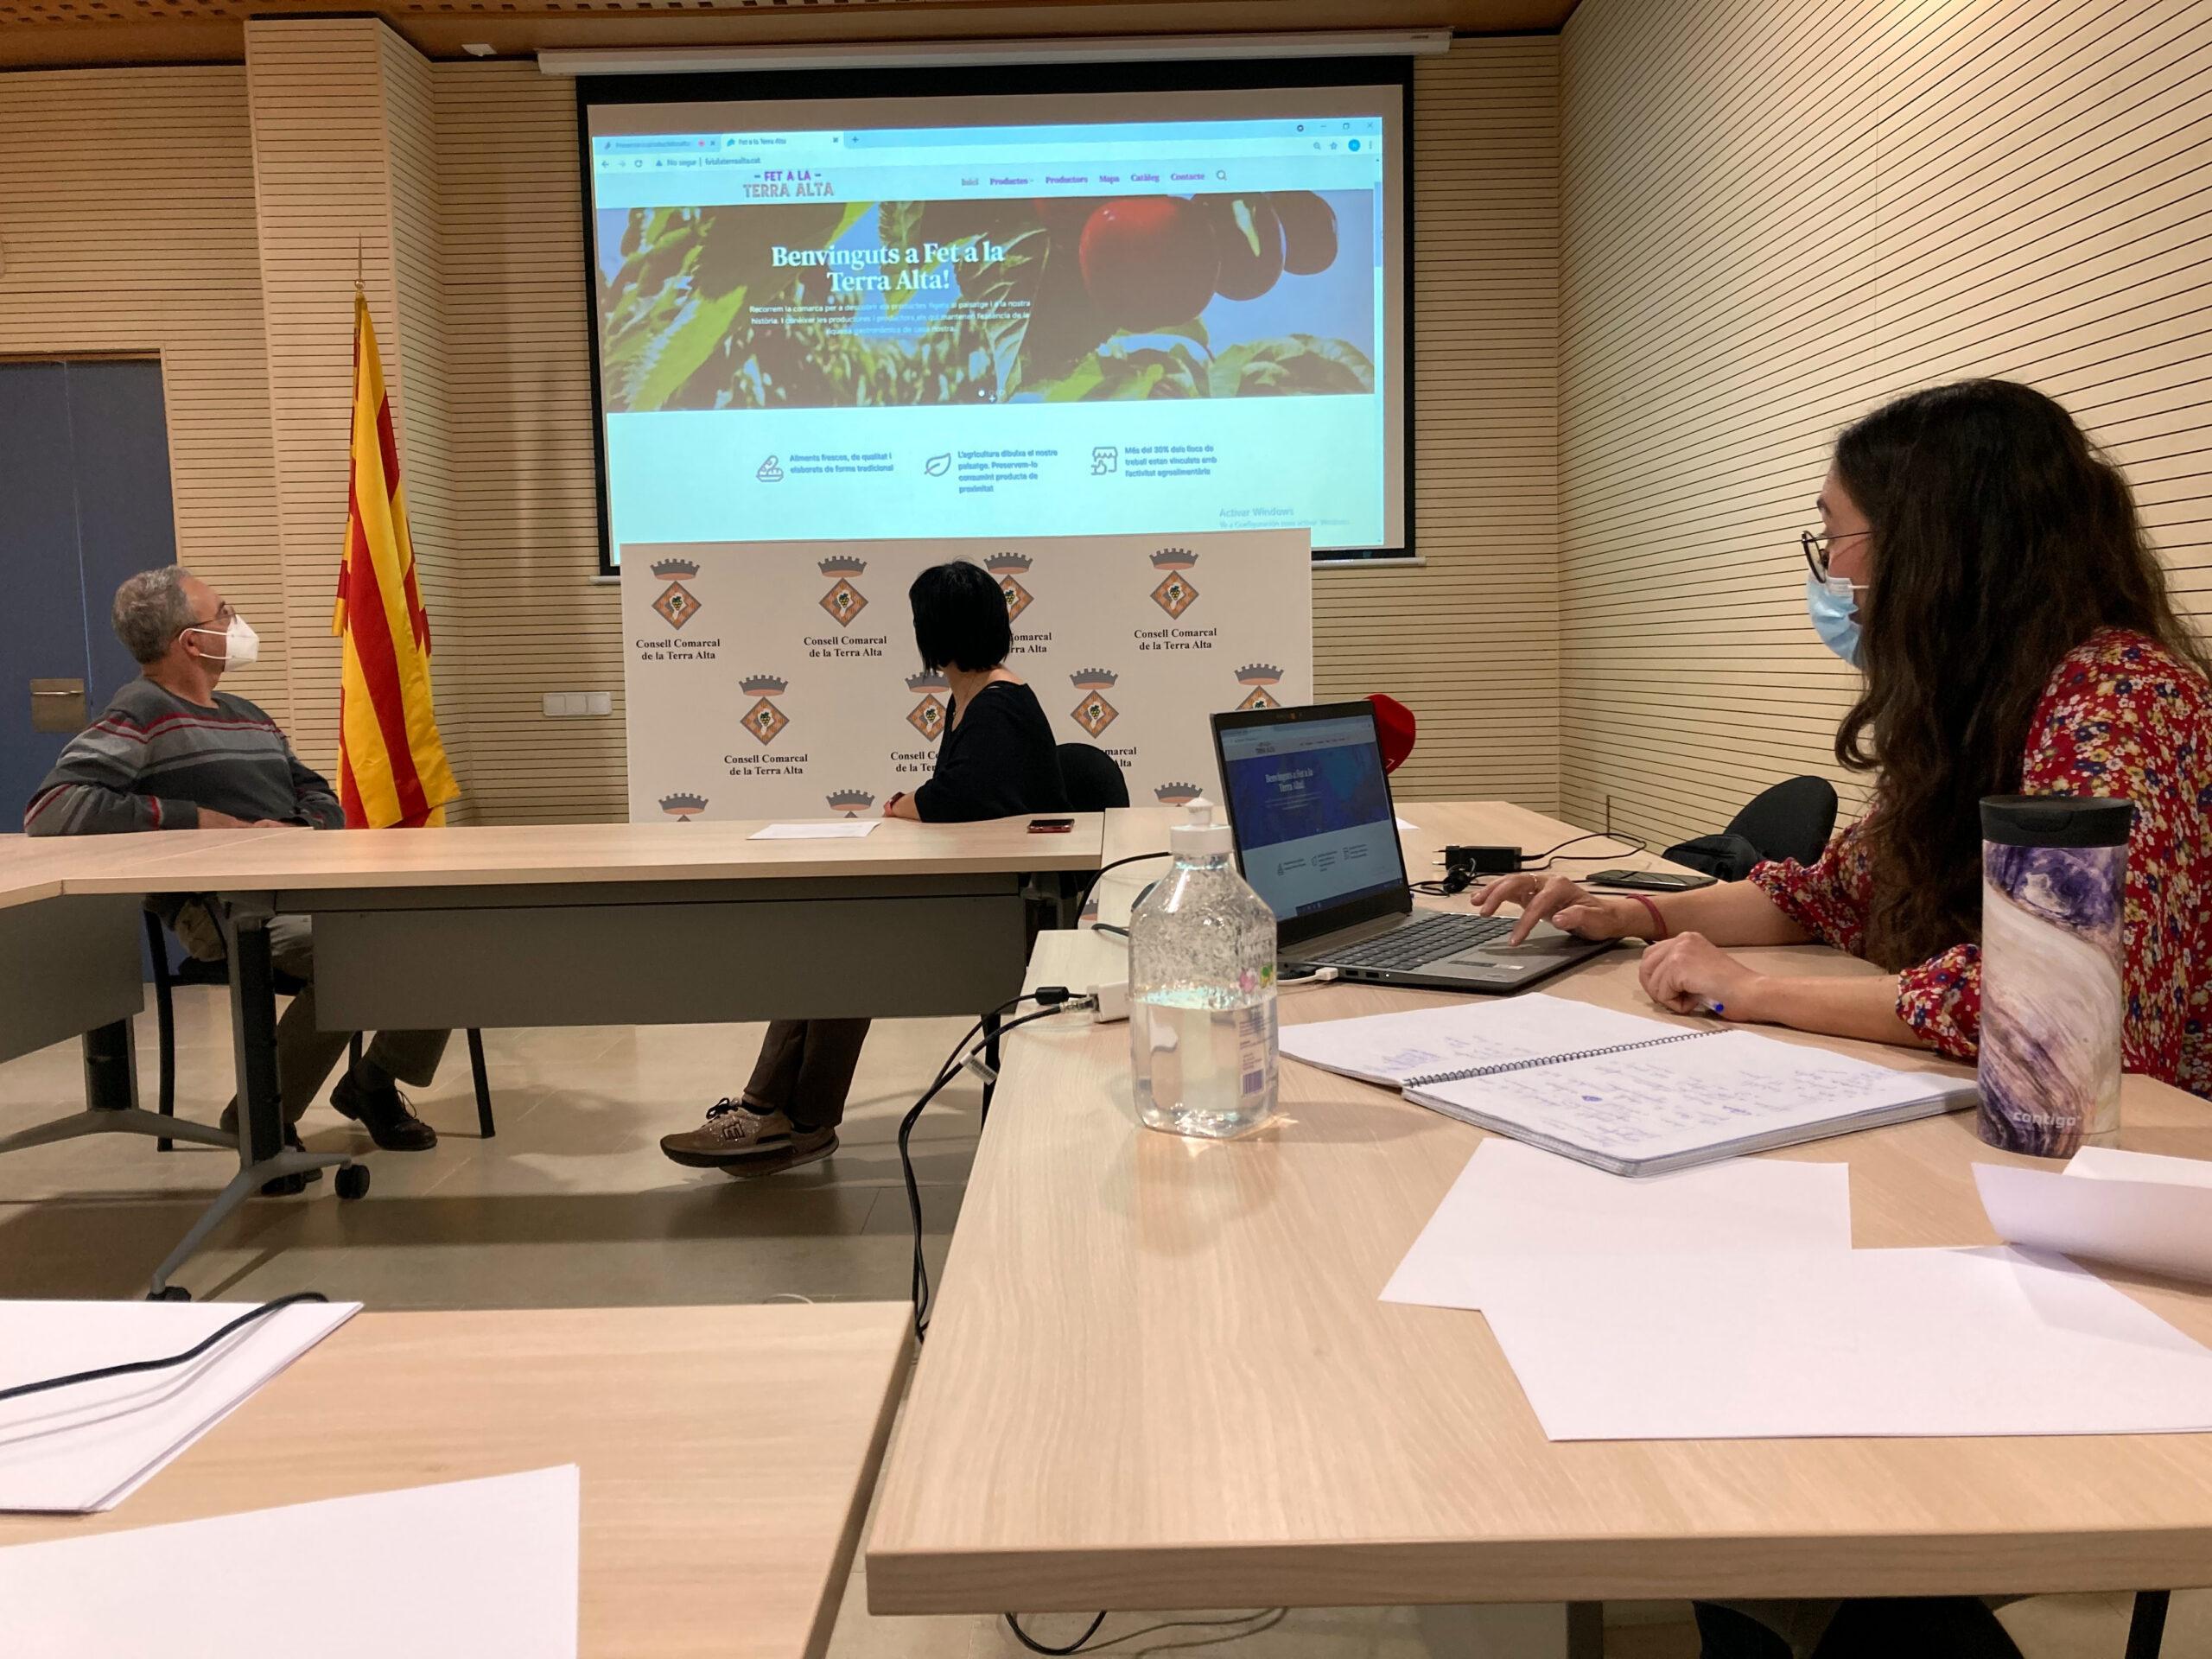 Neus Sanromà, presidenta del Consell Comarcal de la Terra Alta, Xavier Galcerà, conseller comarcal d'Agricultura; i Núria Mulet, tècnica de suport, en la presentació de la nova web | ACN